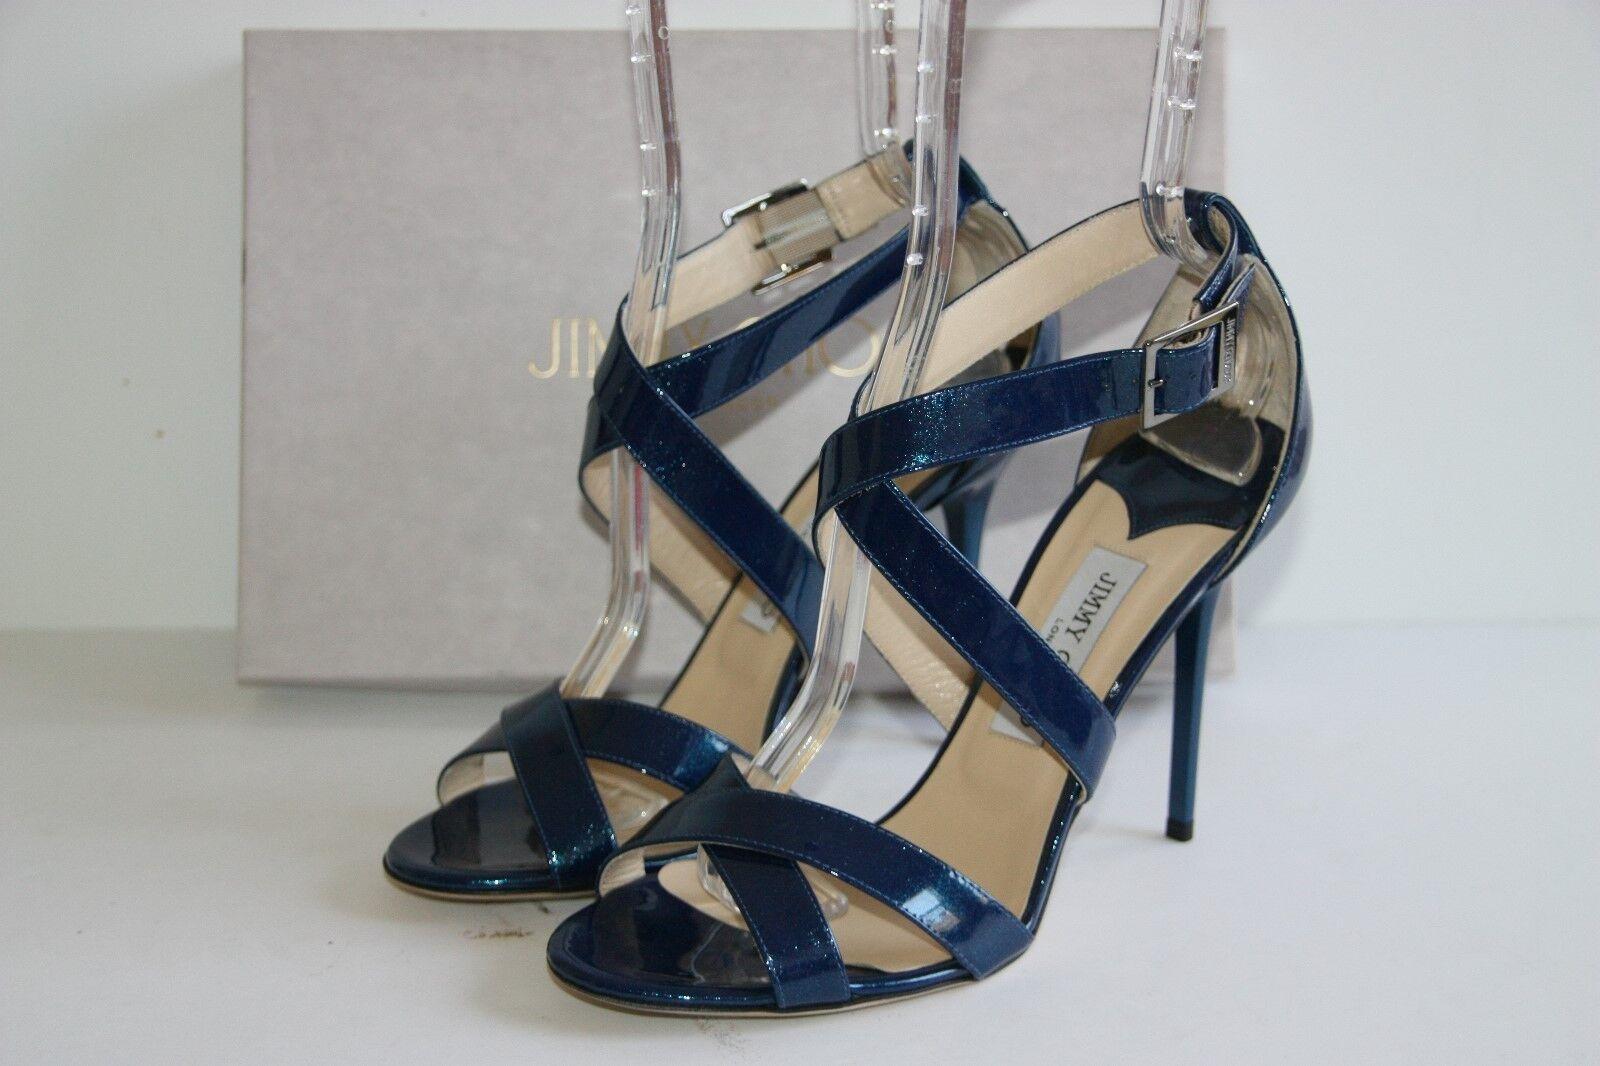 nuovo di marca  750 Brand New Jimmy Choo LOTTIE LOTTIE LOTTIE Metallic blu Patent Leather Sandals 40.5 10.5  merce di alta qualità e servizio conveniente e onesto